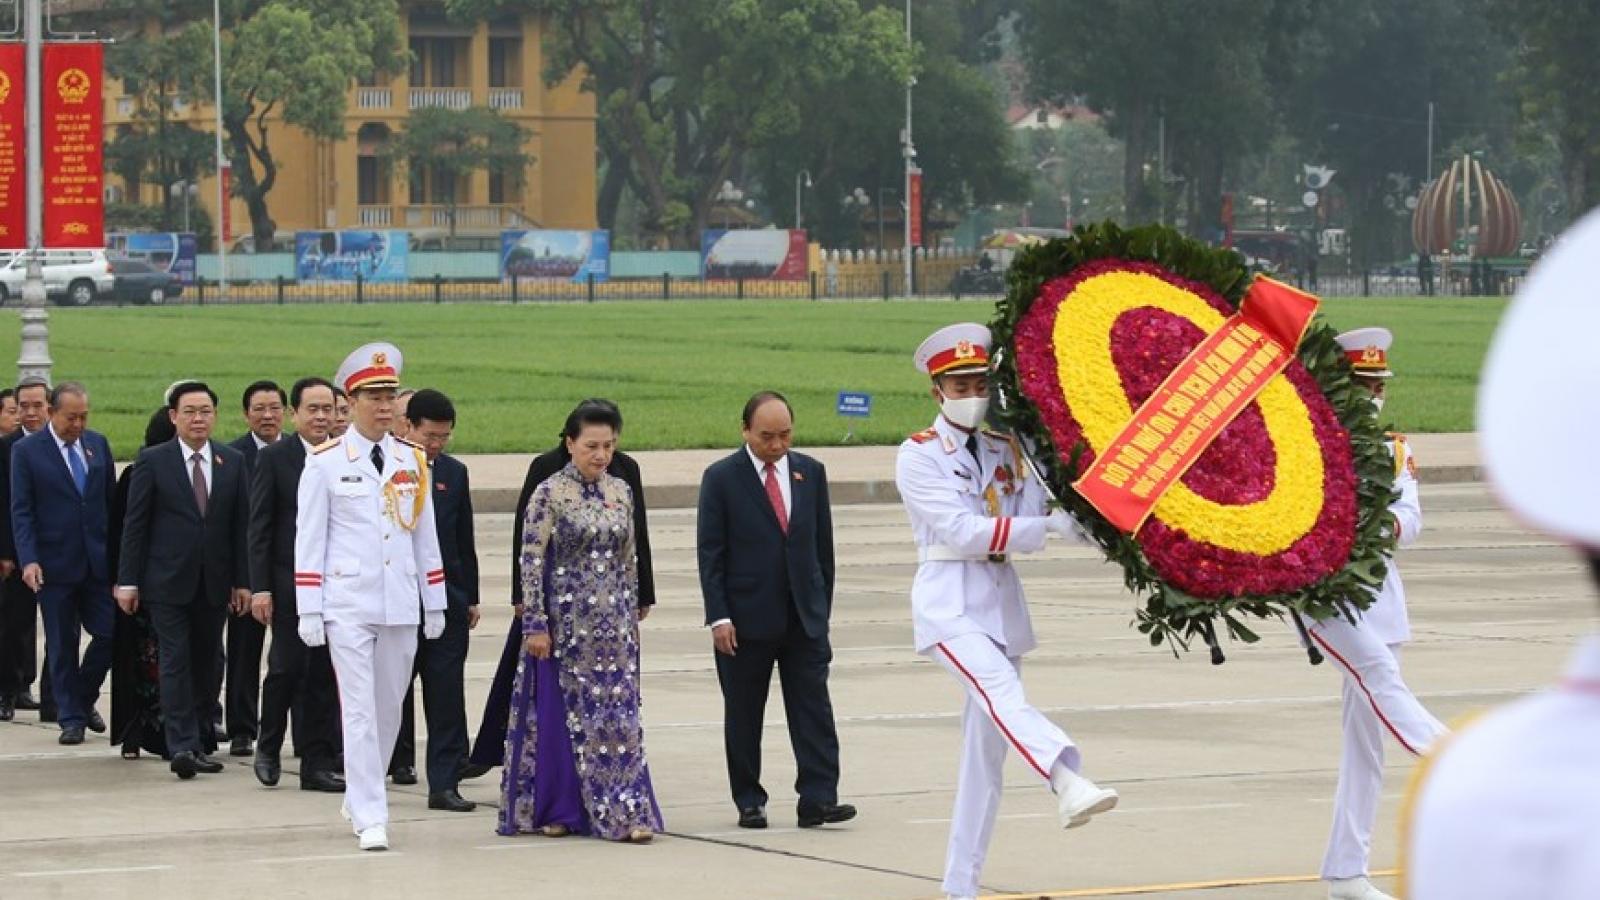 Đại biểu Quốc hội dự kỳ họp thứ 11 vào Lăng viếng Chủ tịch Hồ Chí Minh